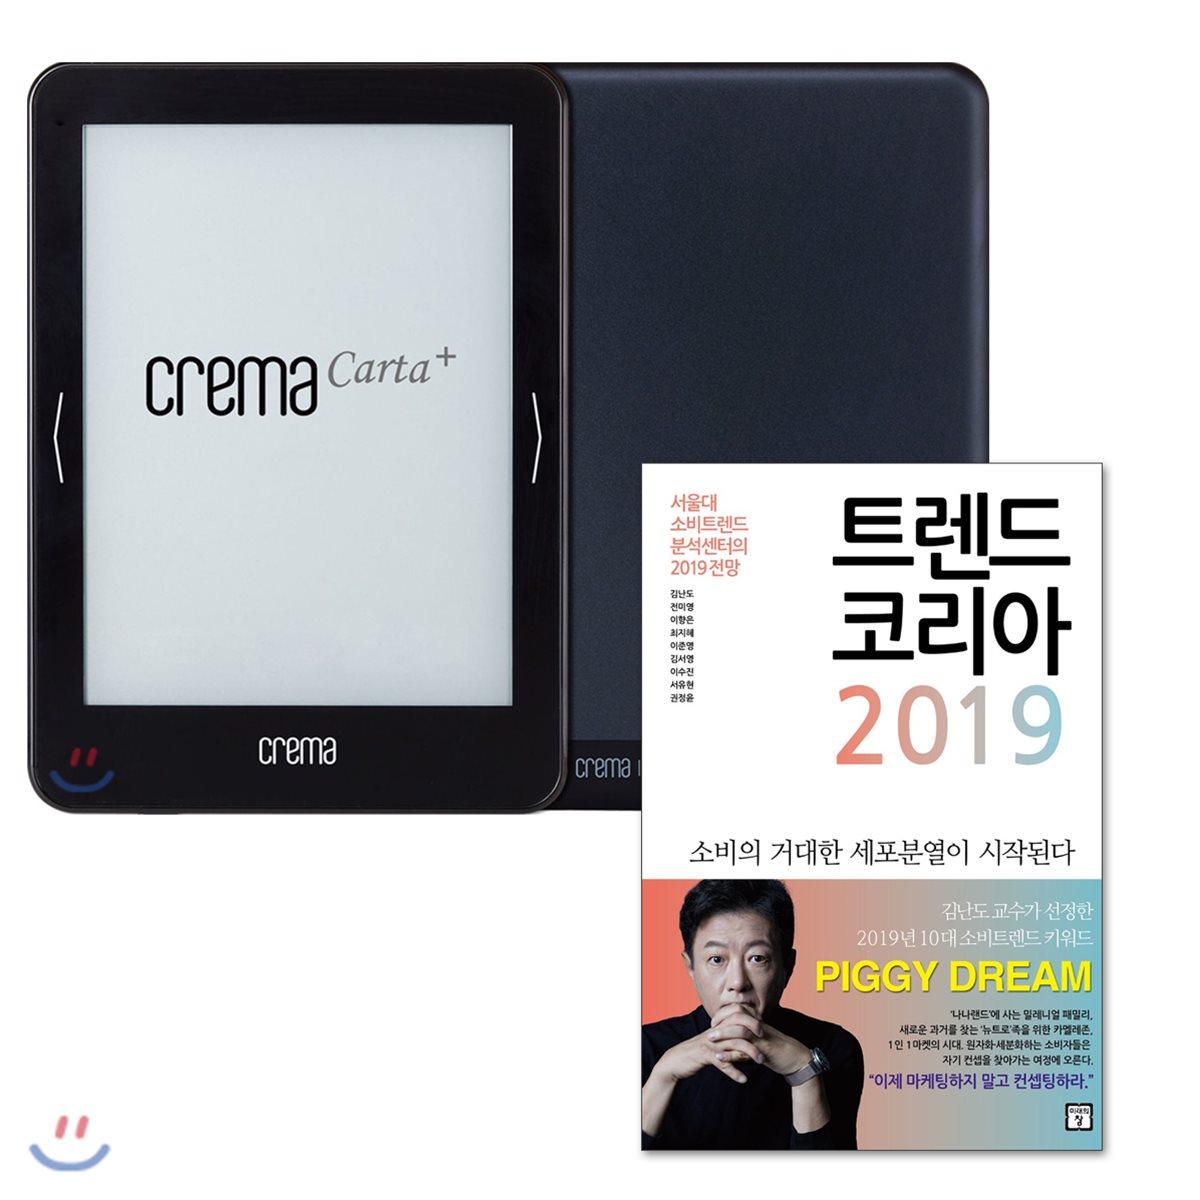 예스24 크레마 카르타 플러스(crema carta+) + 트렌드 코리아 2019 eBook 세트